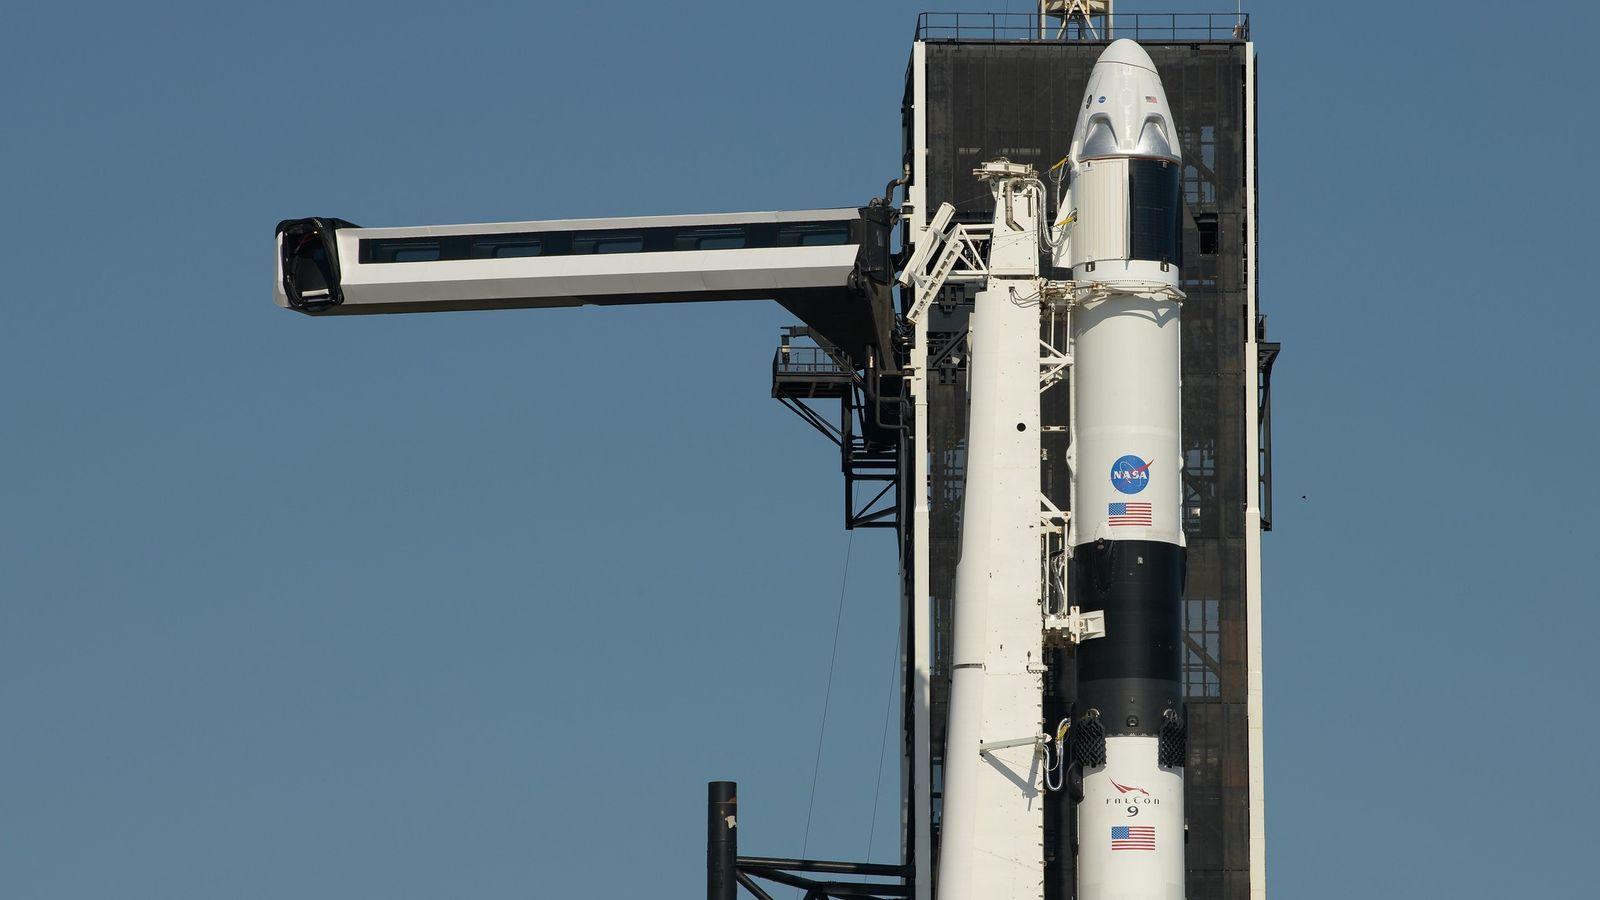 Die Zugangsrampe für das Crew Dragon-Raumfahrzeug und die Rakete Falcon 9 von SpaceX wird am 21. ...